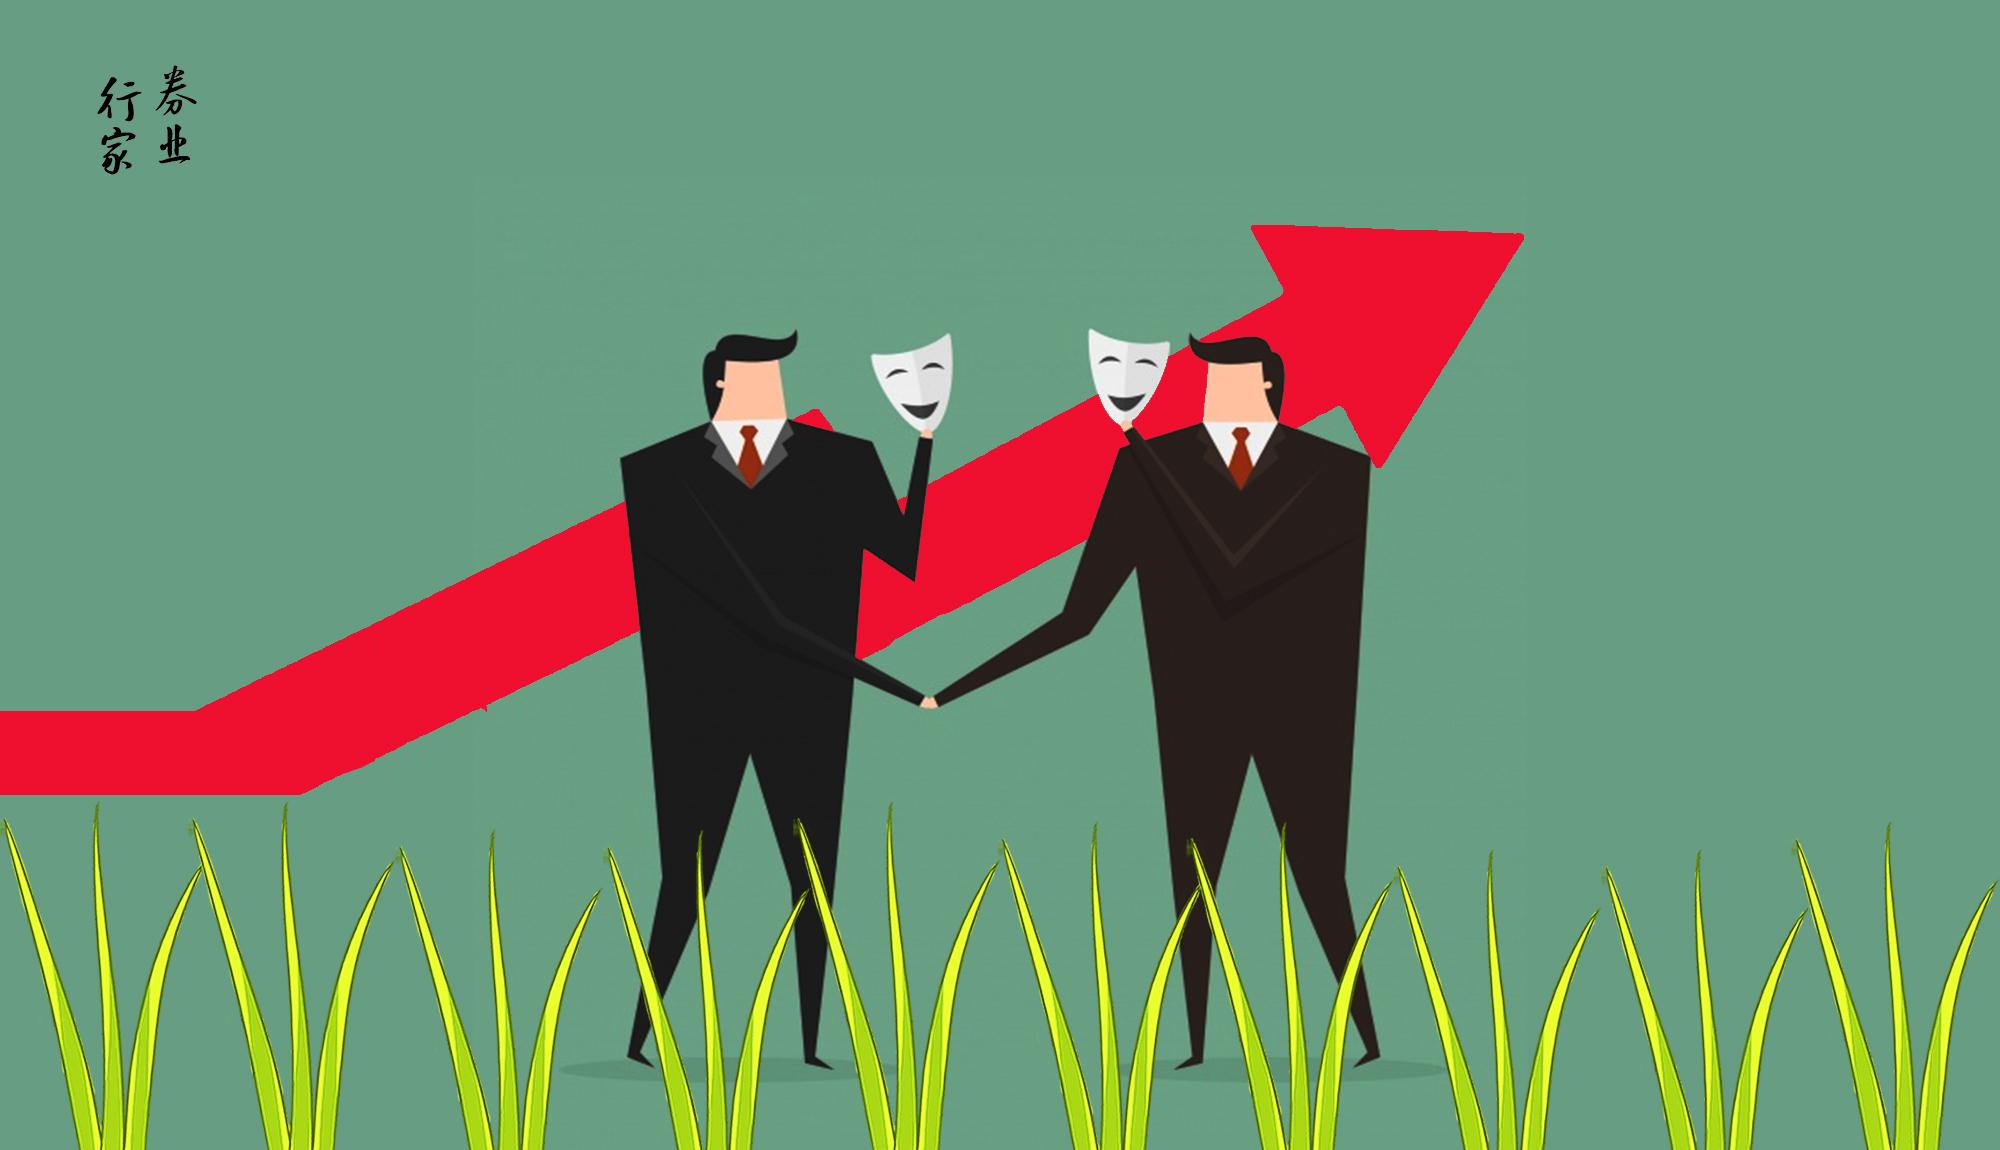 《【万和城公司】13名从业人员违规持有股票账户,来自同一家券商营业部……》